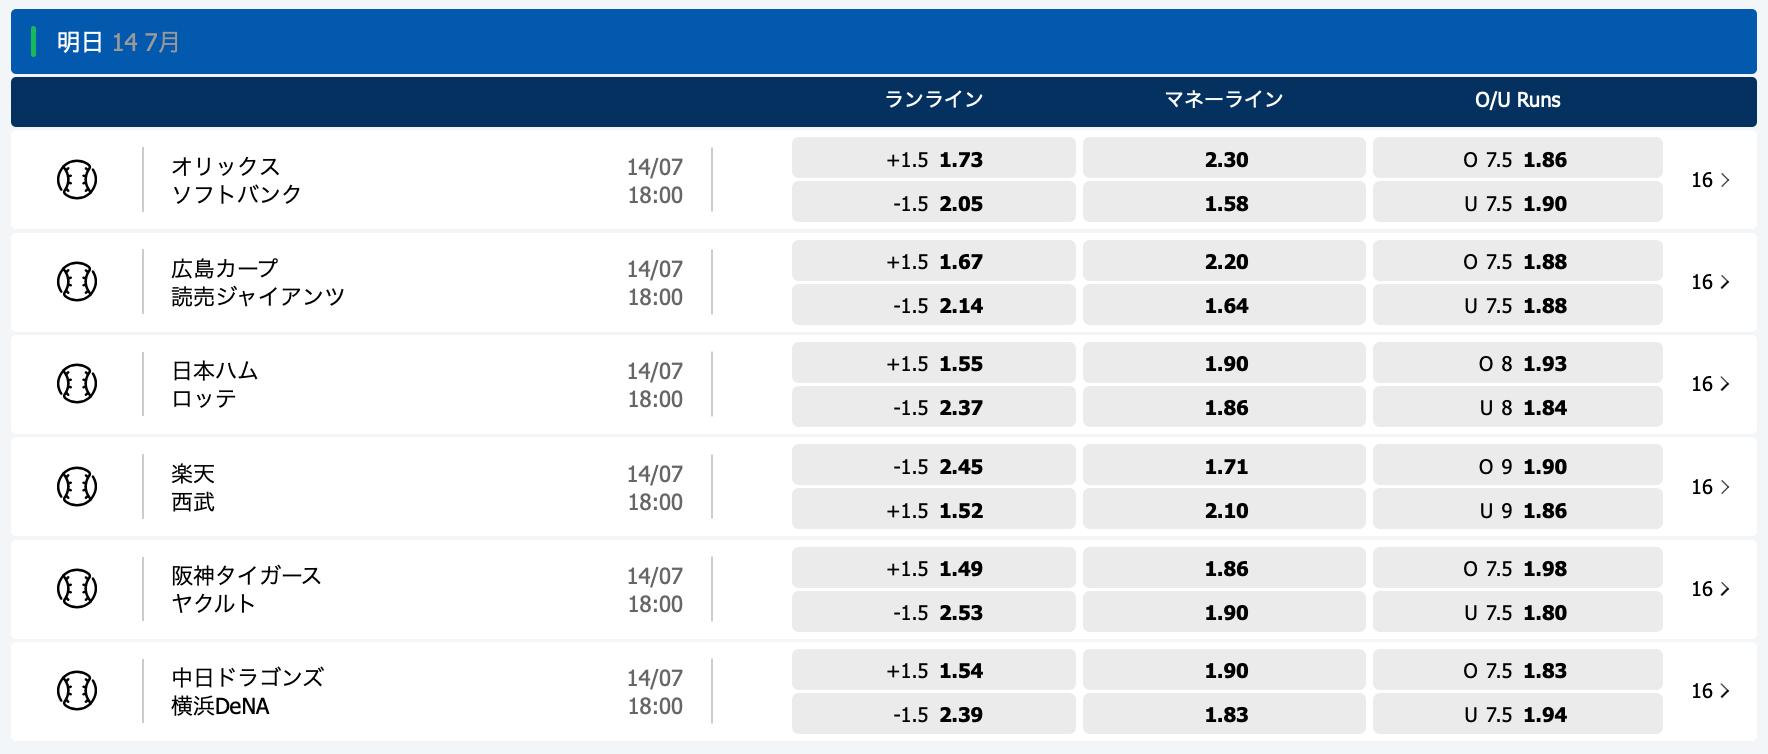 2020.7.14 プロ野球オッズ・10bet Japan